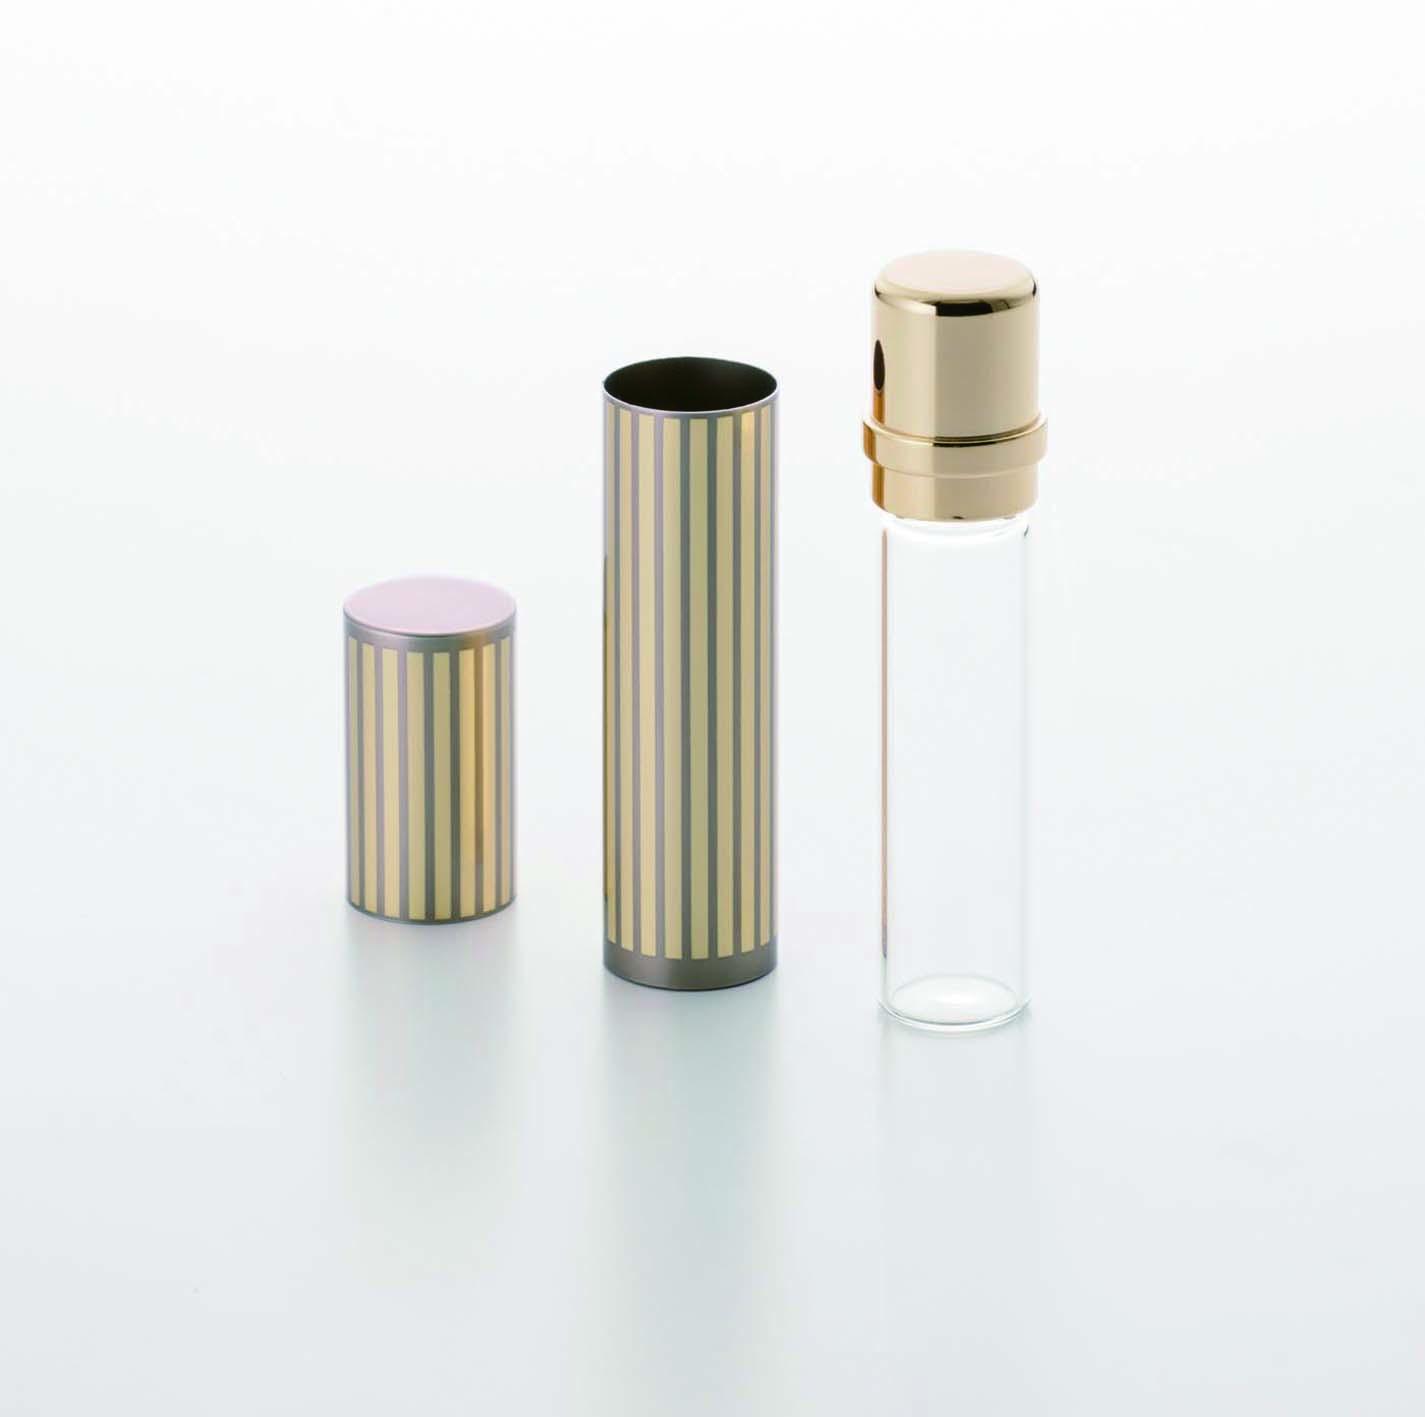 【フォトスタンド】アルミとガラスを組み合わせた質感の高いミニ骨壷が付属